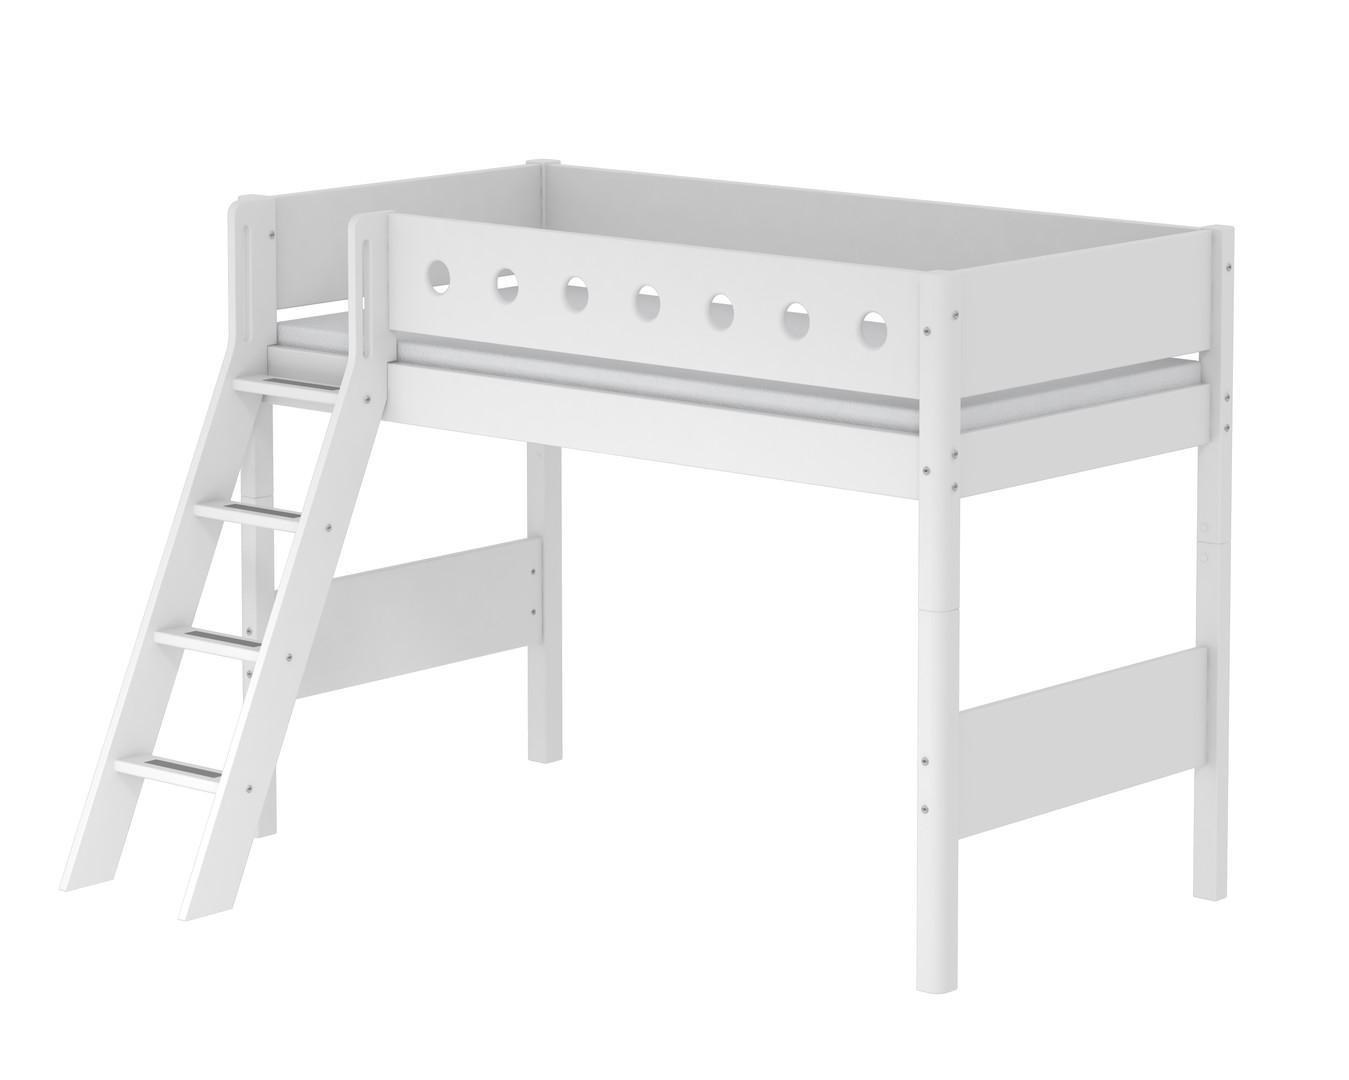 Flexa Etagenbett In L Form : Hochbett mittelhoch weiß cm mit schräger leiter von